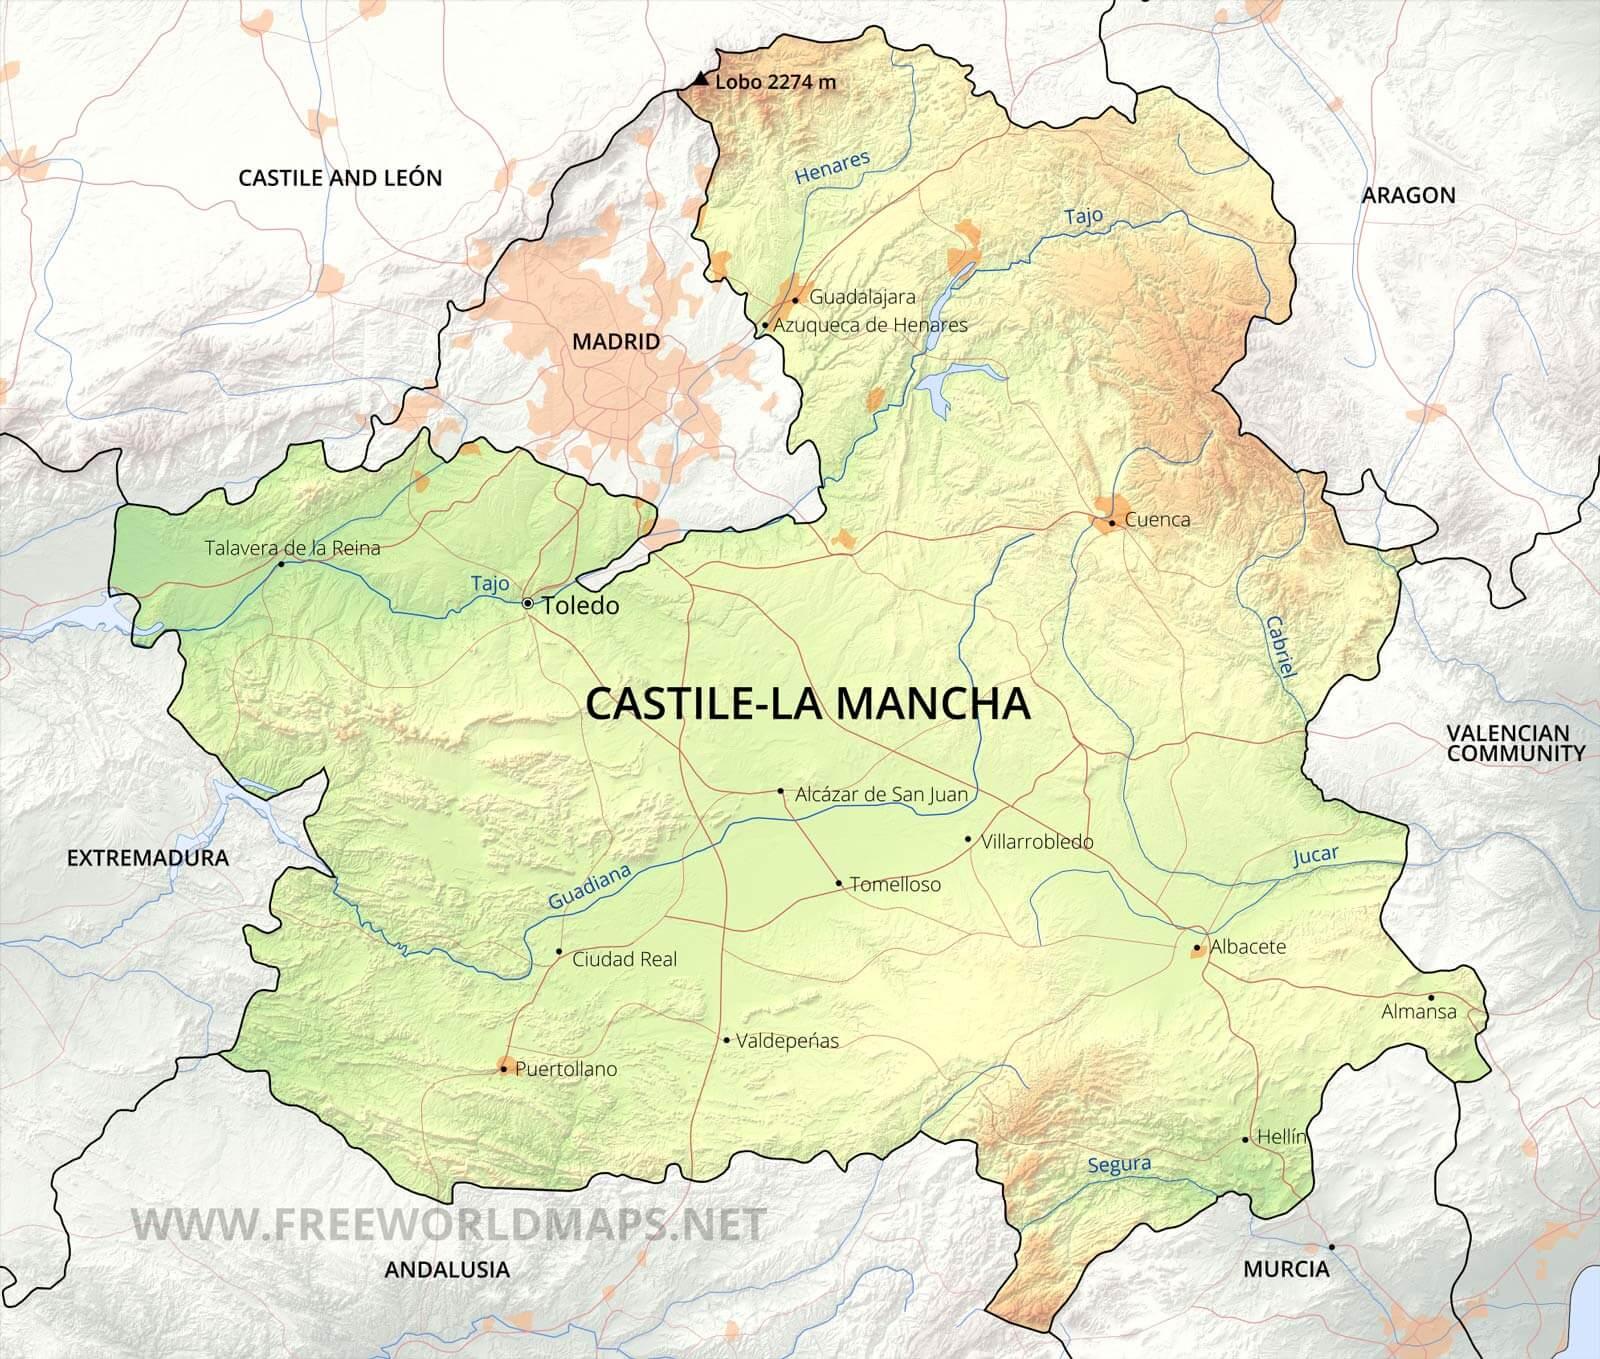 La Mancha Spain Map.Castile La Mancha Maps